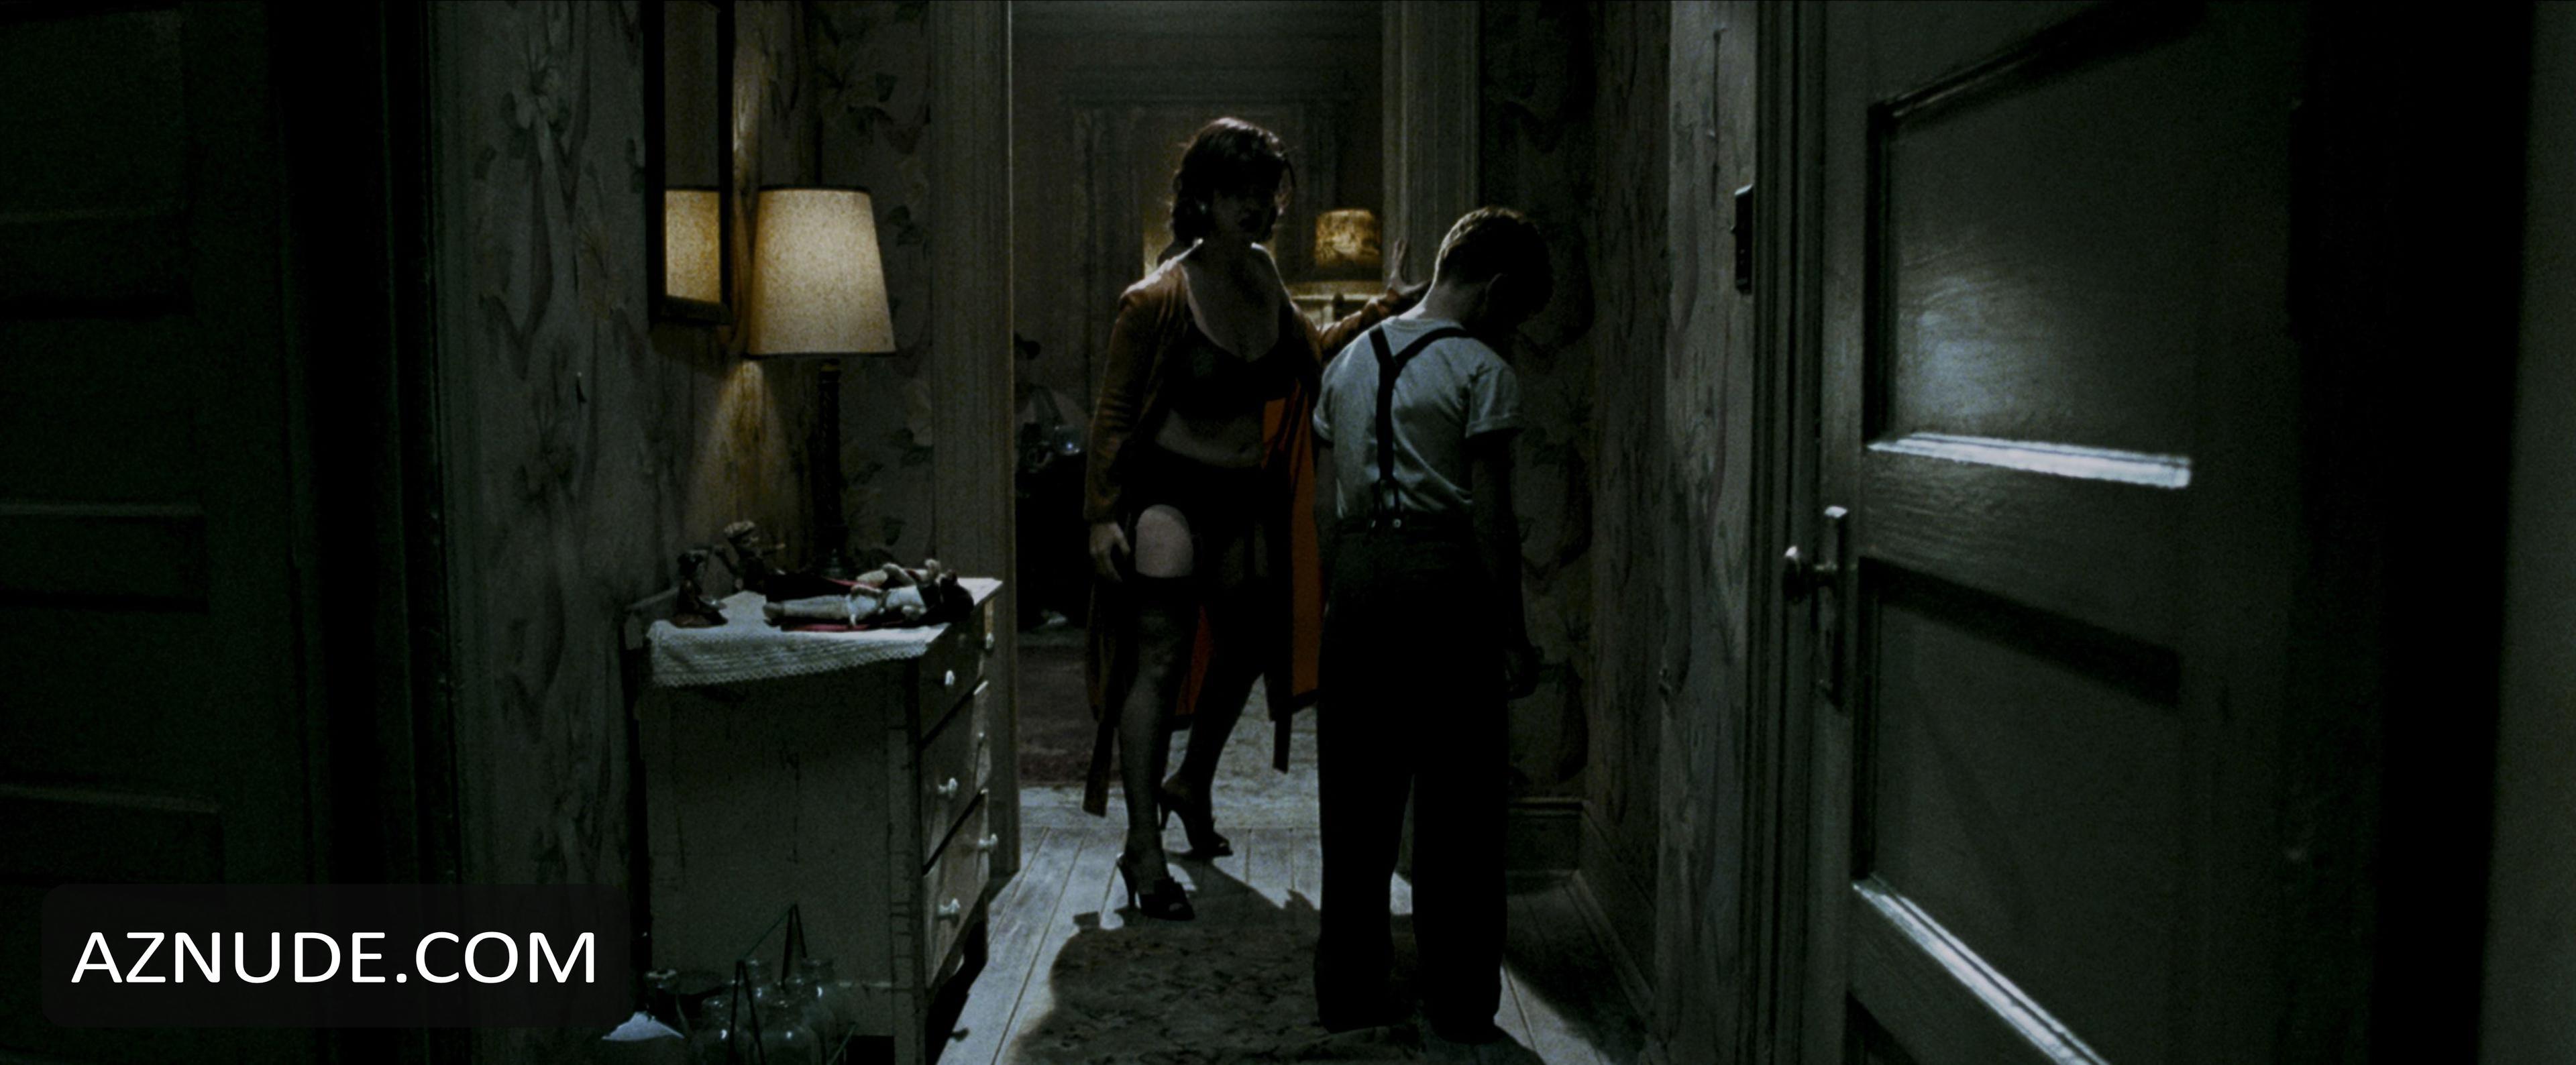 the watchmen nude scenes